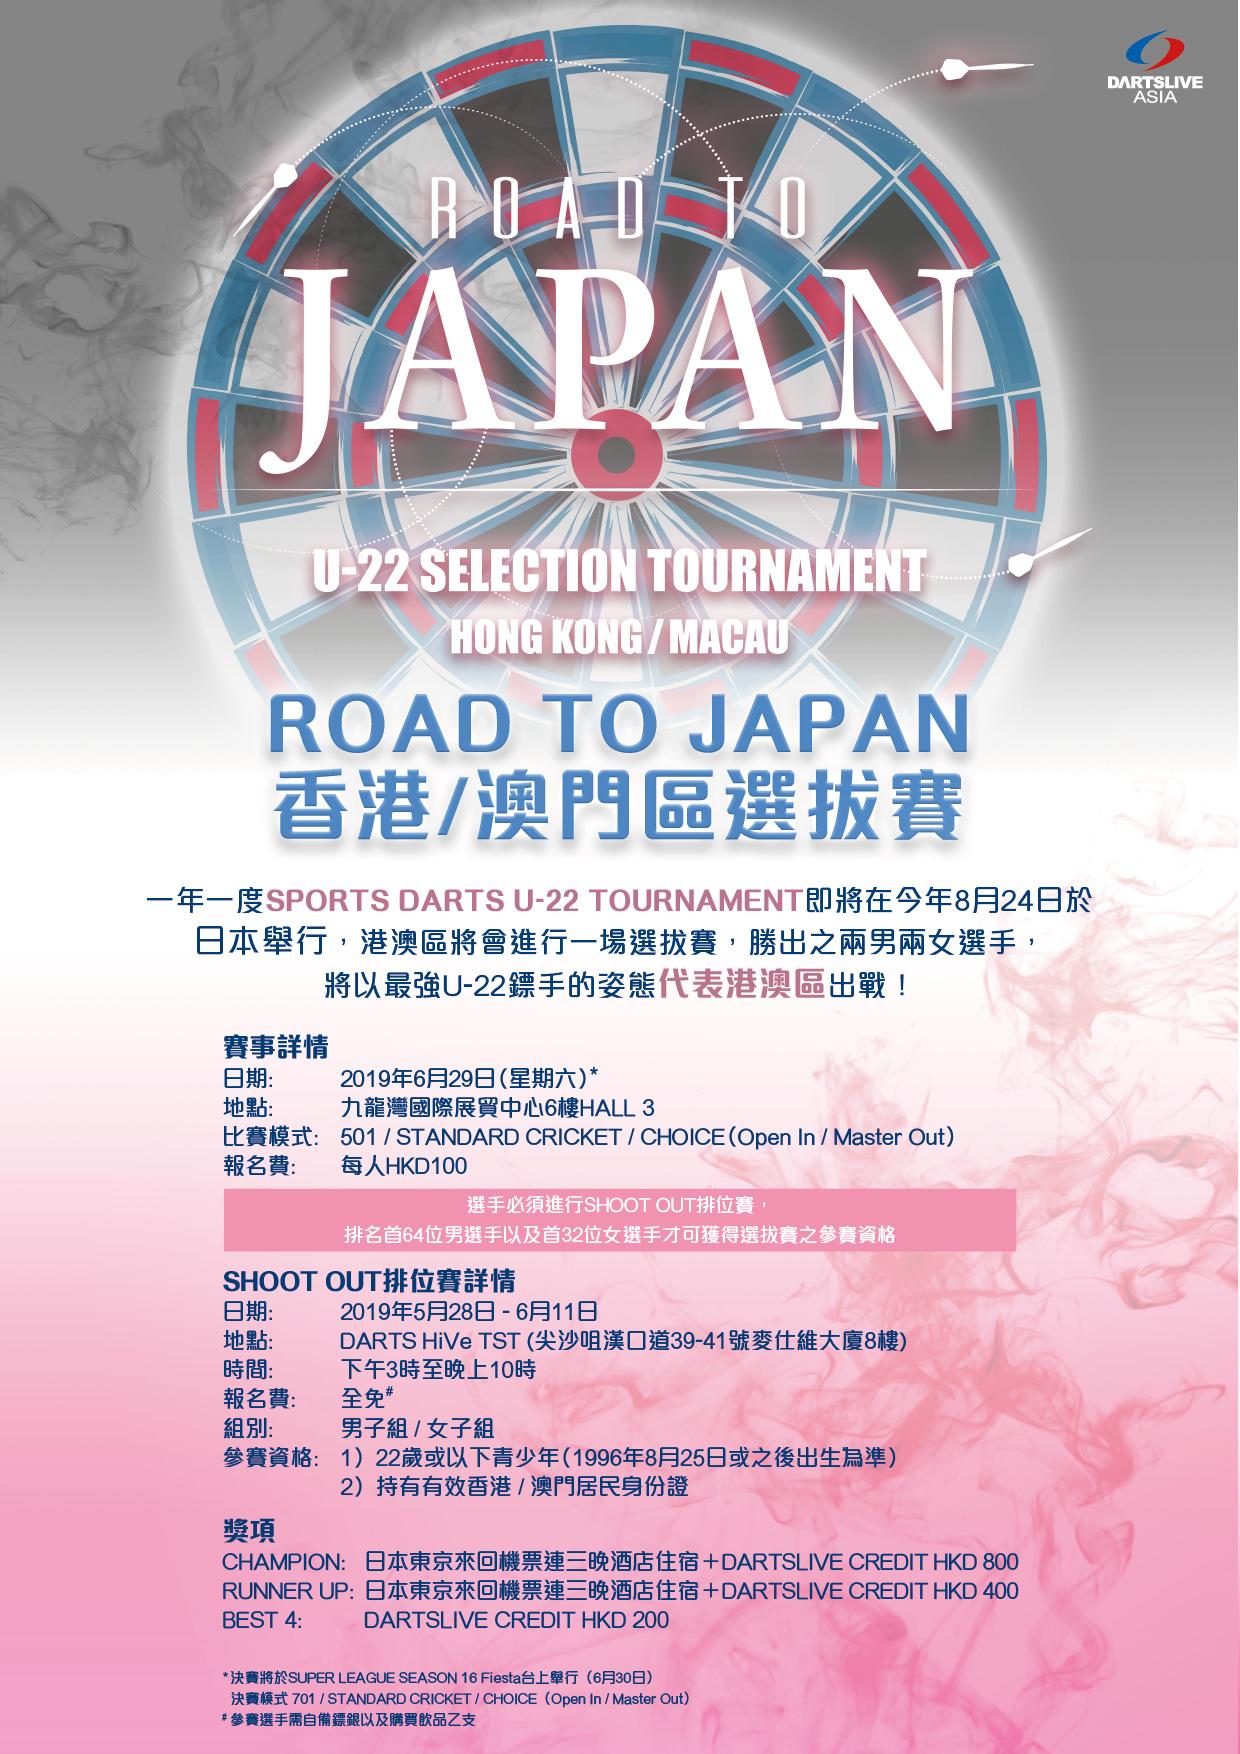 2019 HONG KONG U-22 SOFT DARTS TOURNAMENT  ROAD TO JAPAN